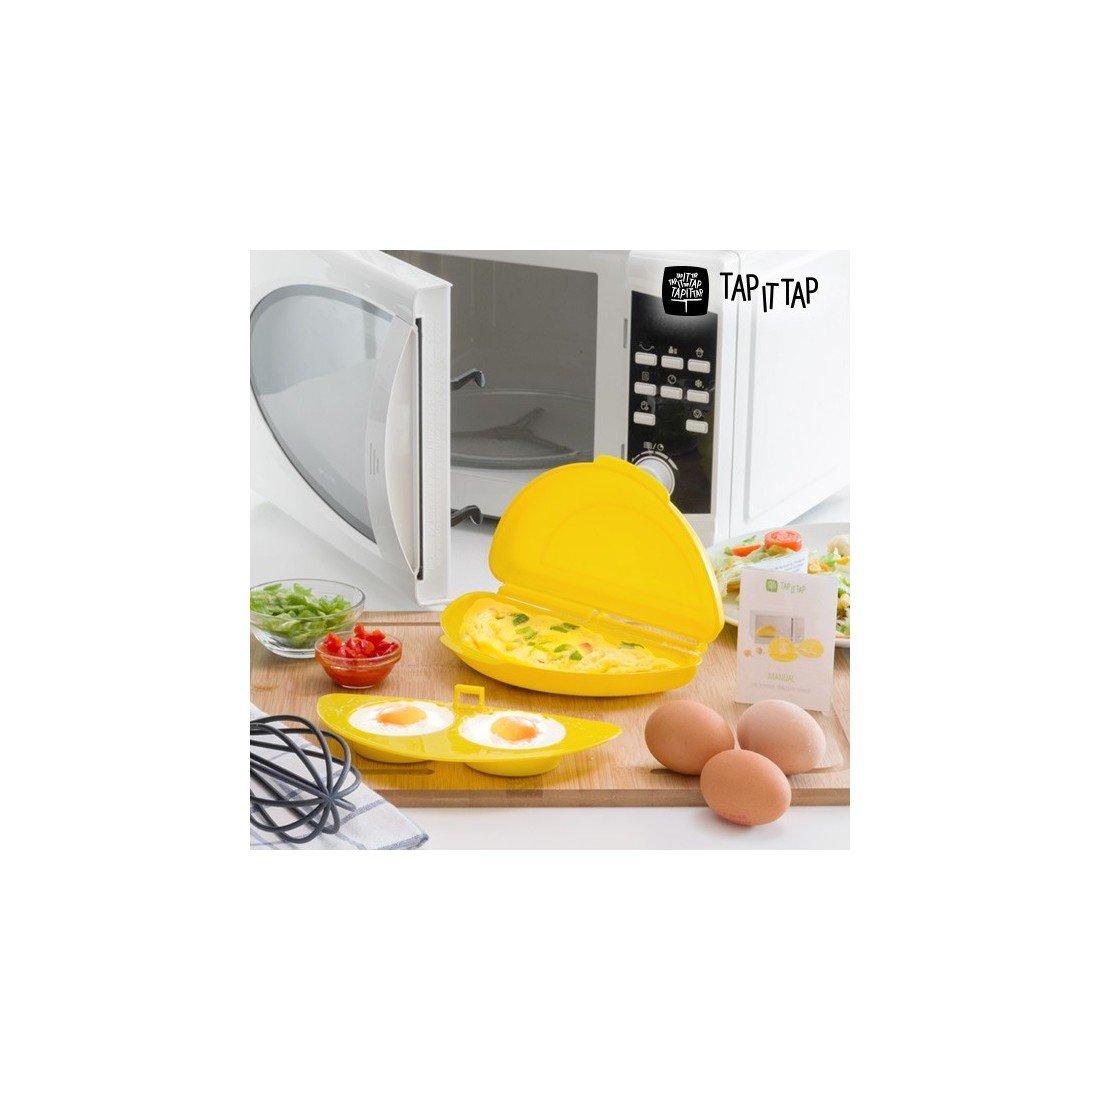 Tap It Tap Microwave Omelette Maker Appetitissime V0100417